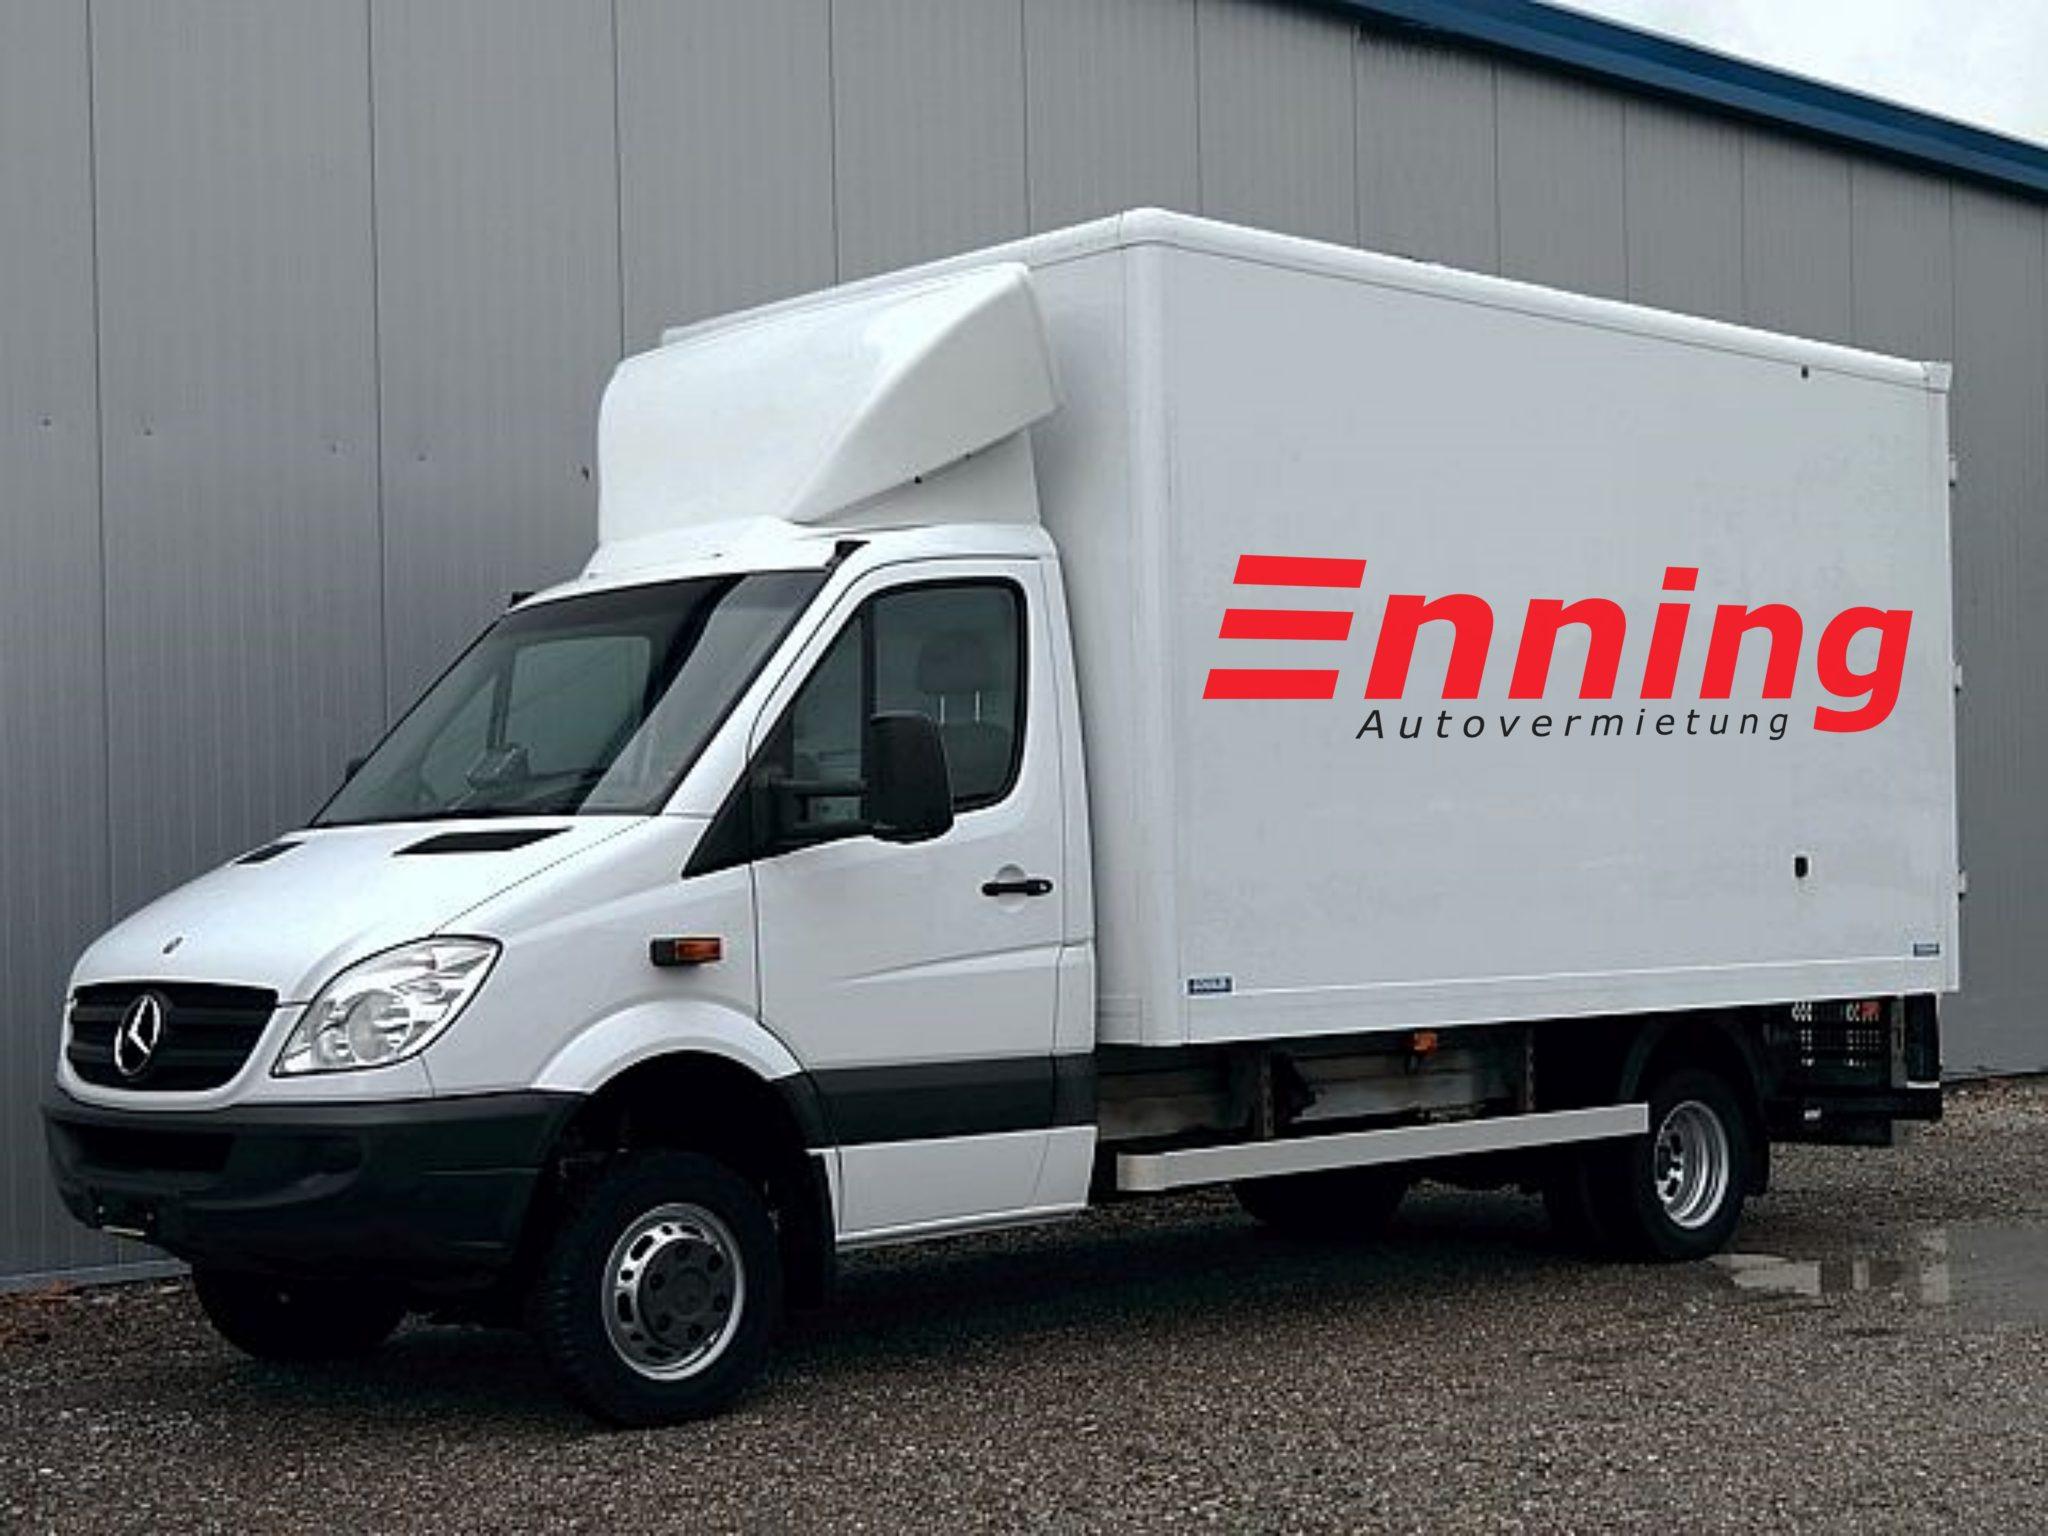 Sprinter 6,0t Koffer - Gr.5 Autovermietung Enning Dorsten